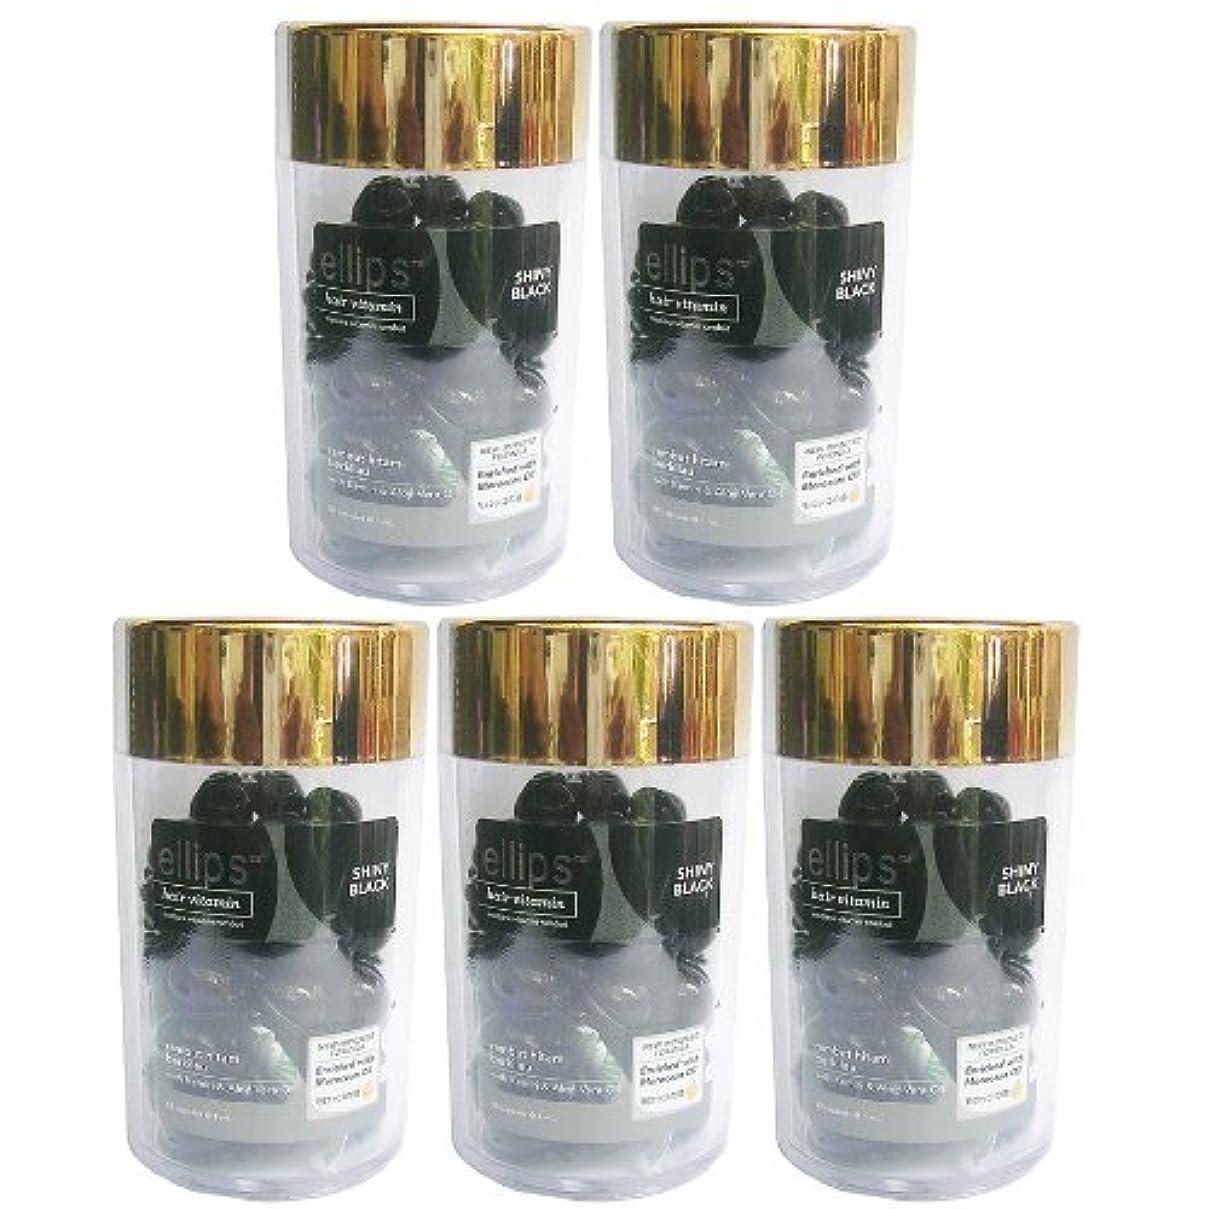 機関味大惨事エリップスellipsヘアビタミン洗い流さないヘアトリートメント50粒入ボトル5本組(海外直送品)(並行輸入品) (黒5本)